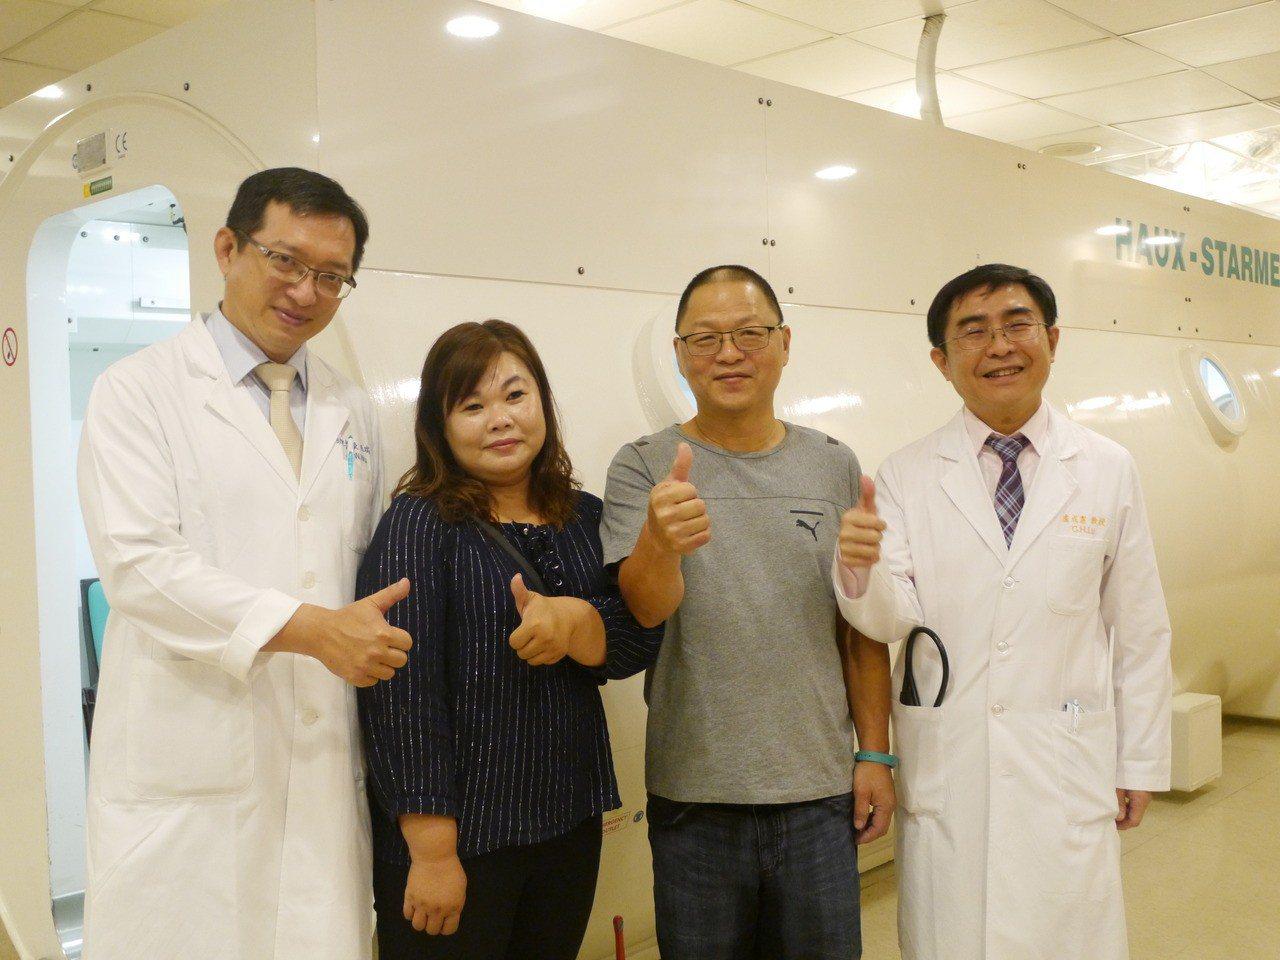 內科教授盧成憲(右一)、高壓氧治療中心主任巫瑞文(左一)與陳姓病友(右二)合影。...